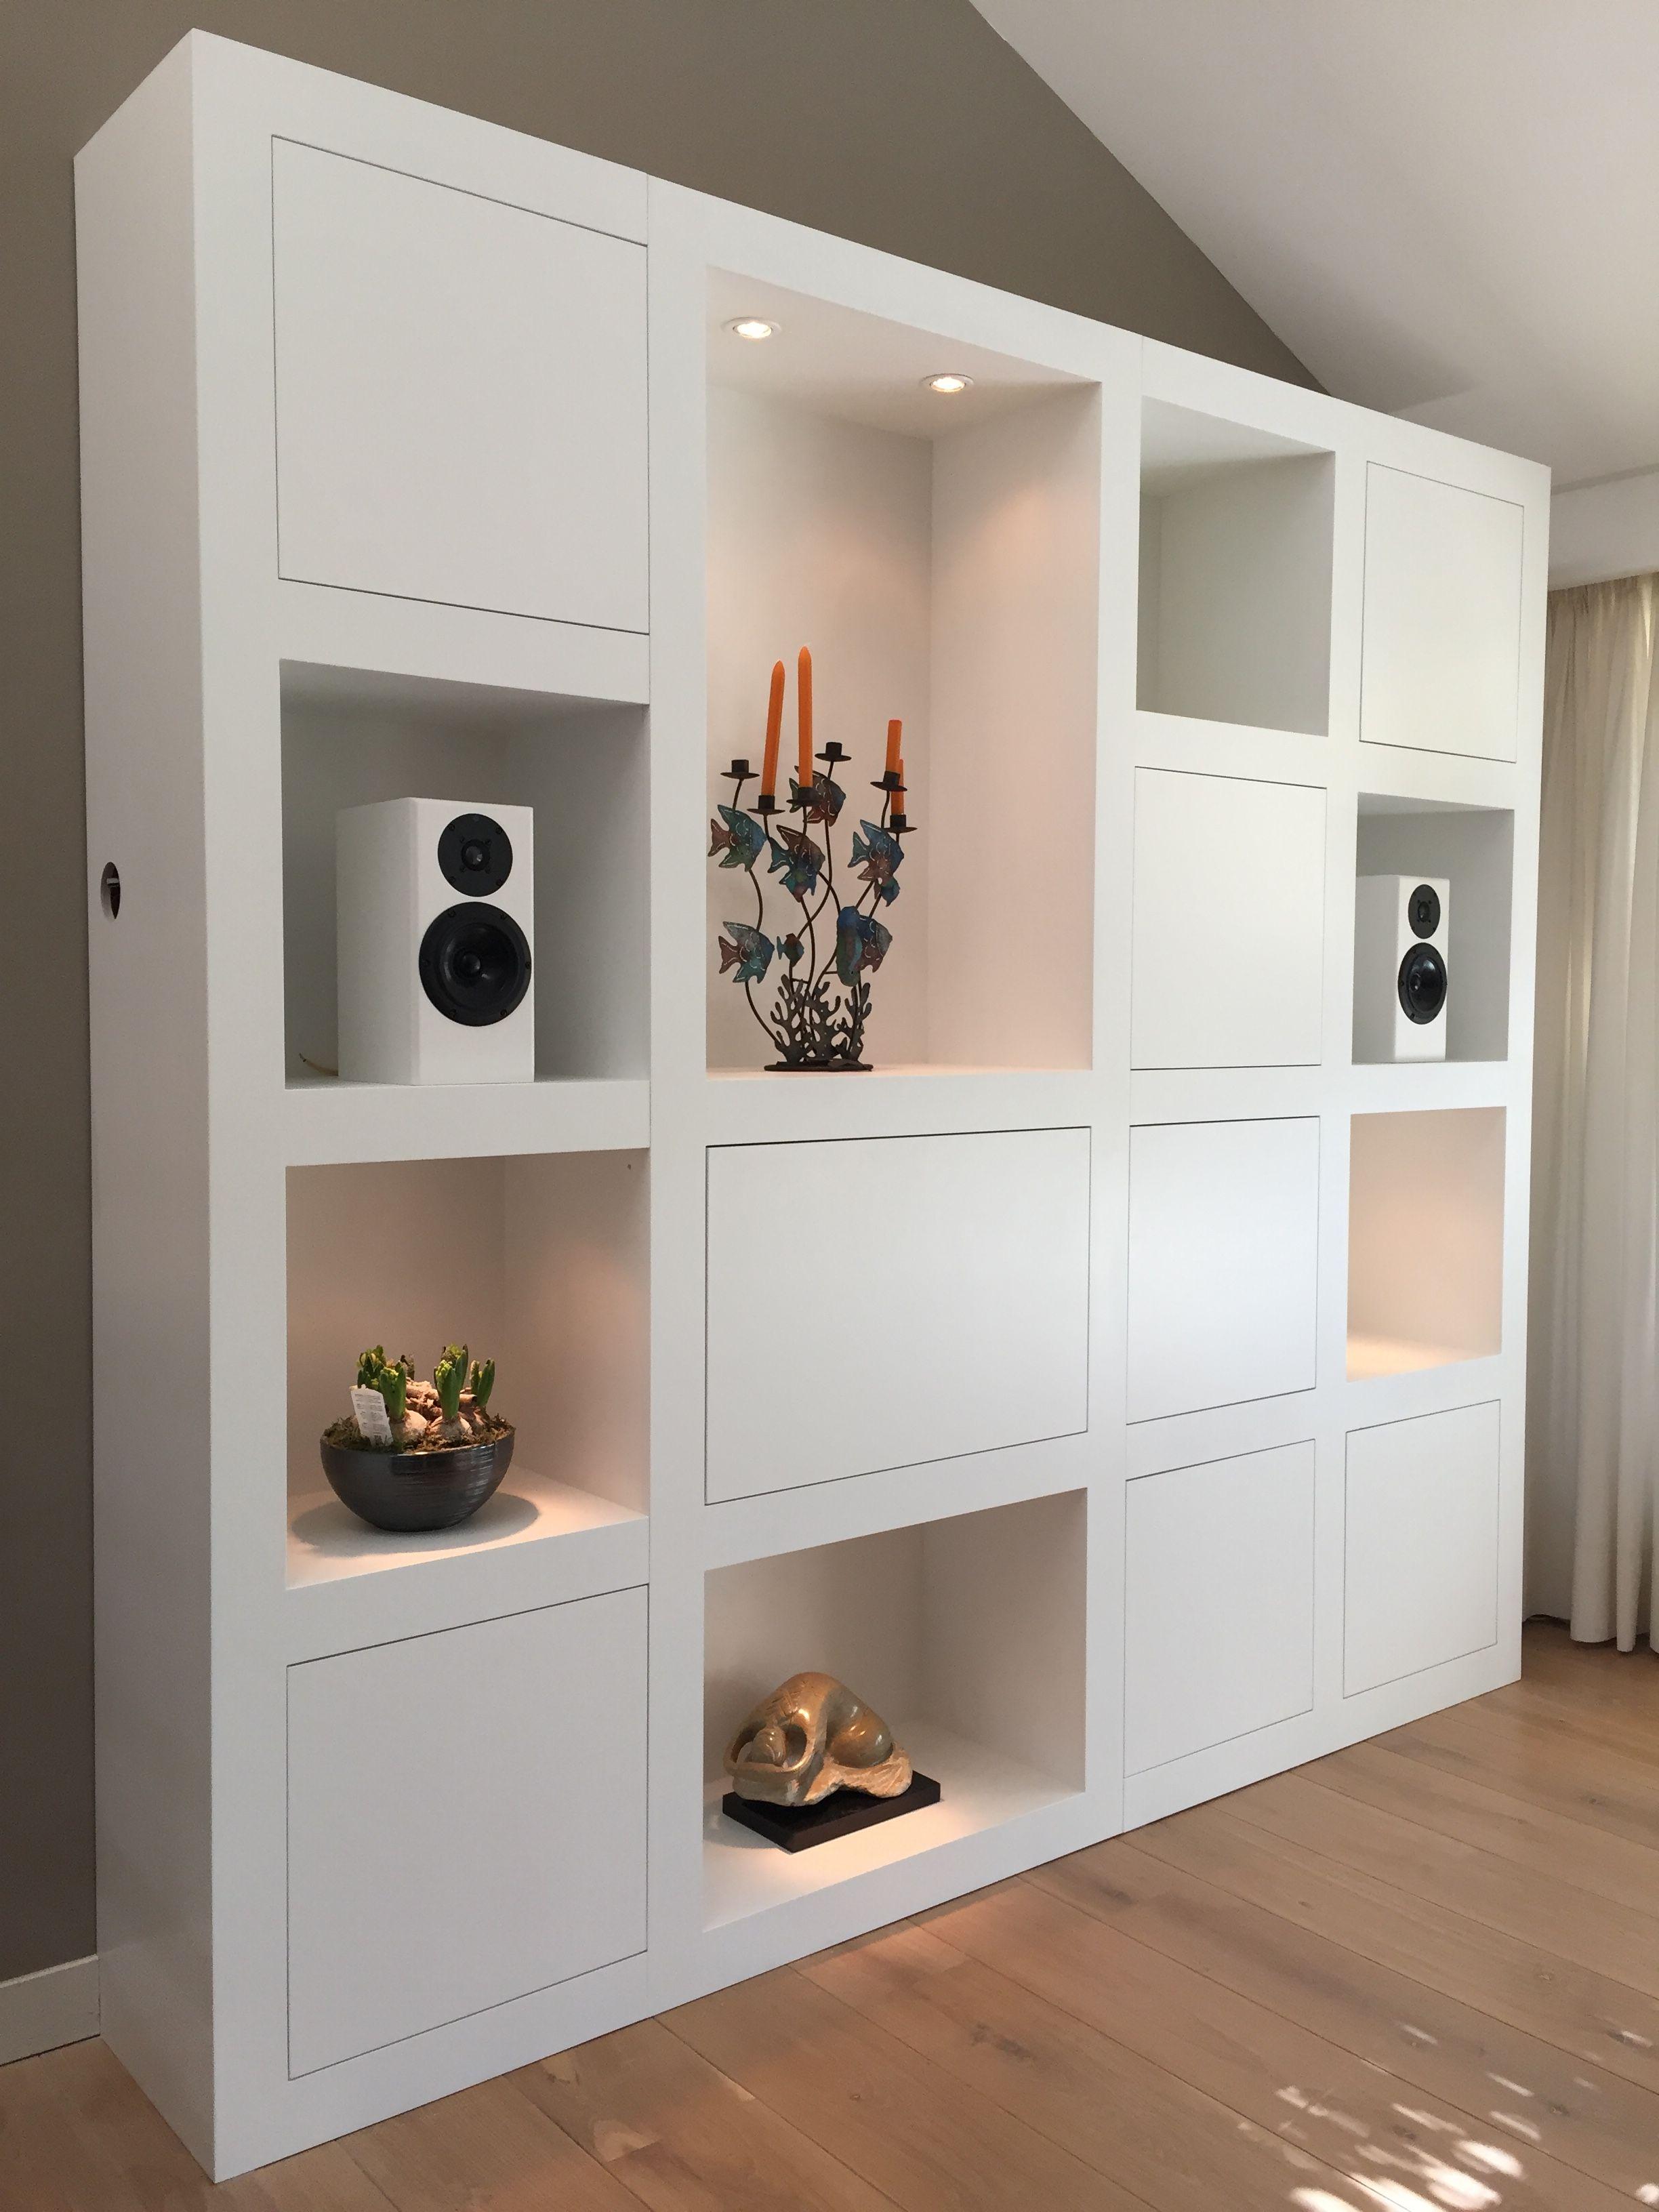 Mooie luxe wand kast op maat met vakken en opbergruimte for Mooie huiskamer inrichting